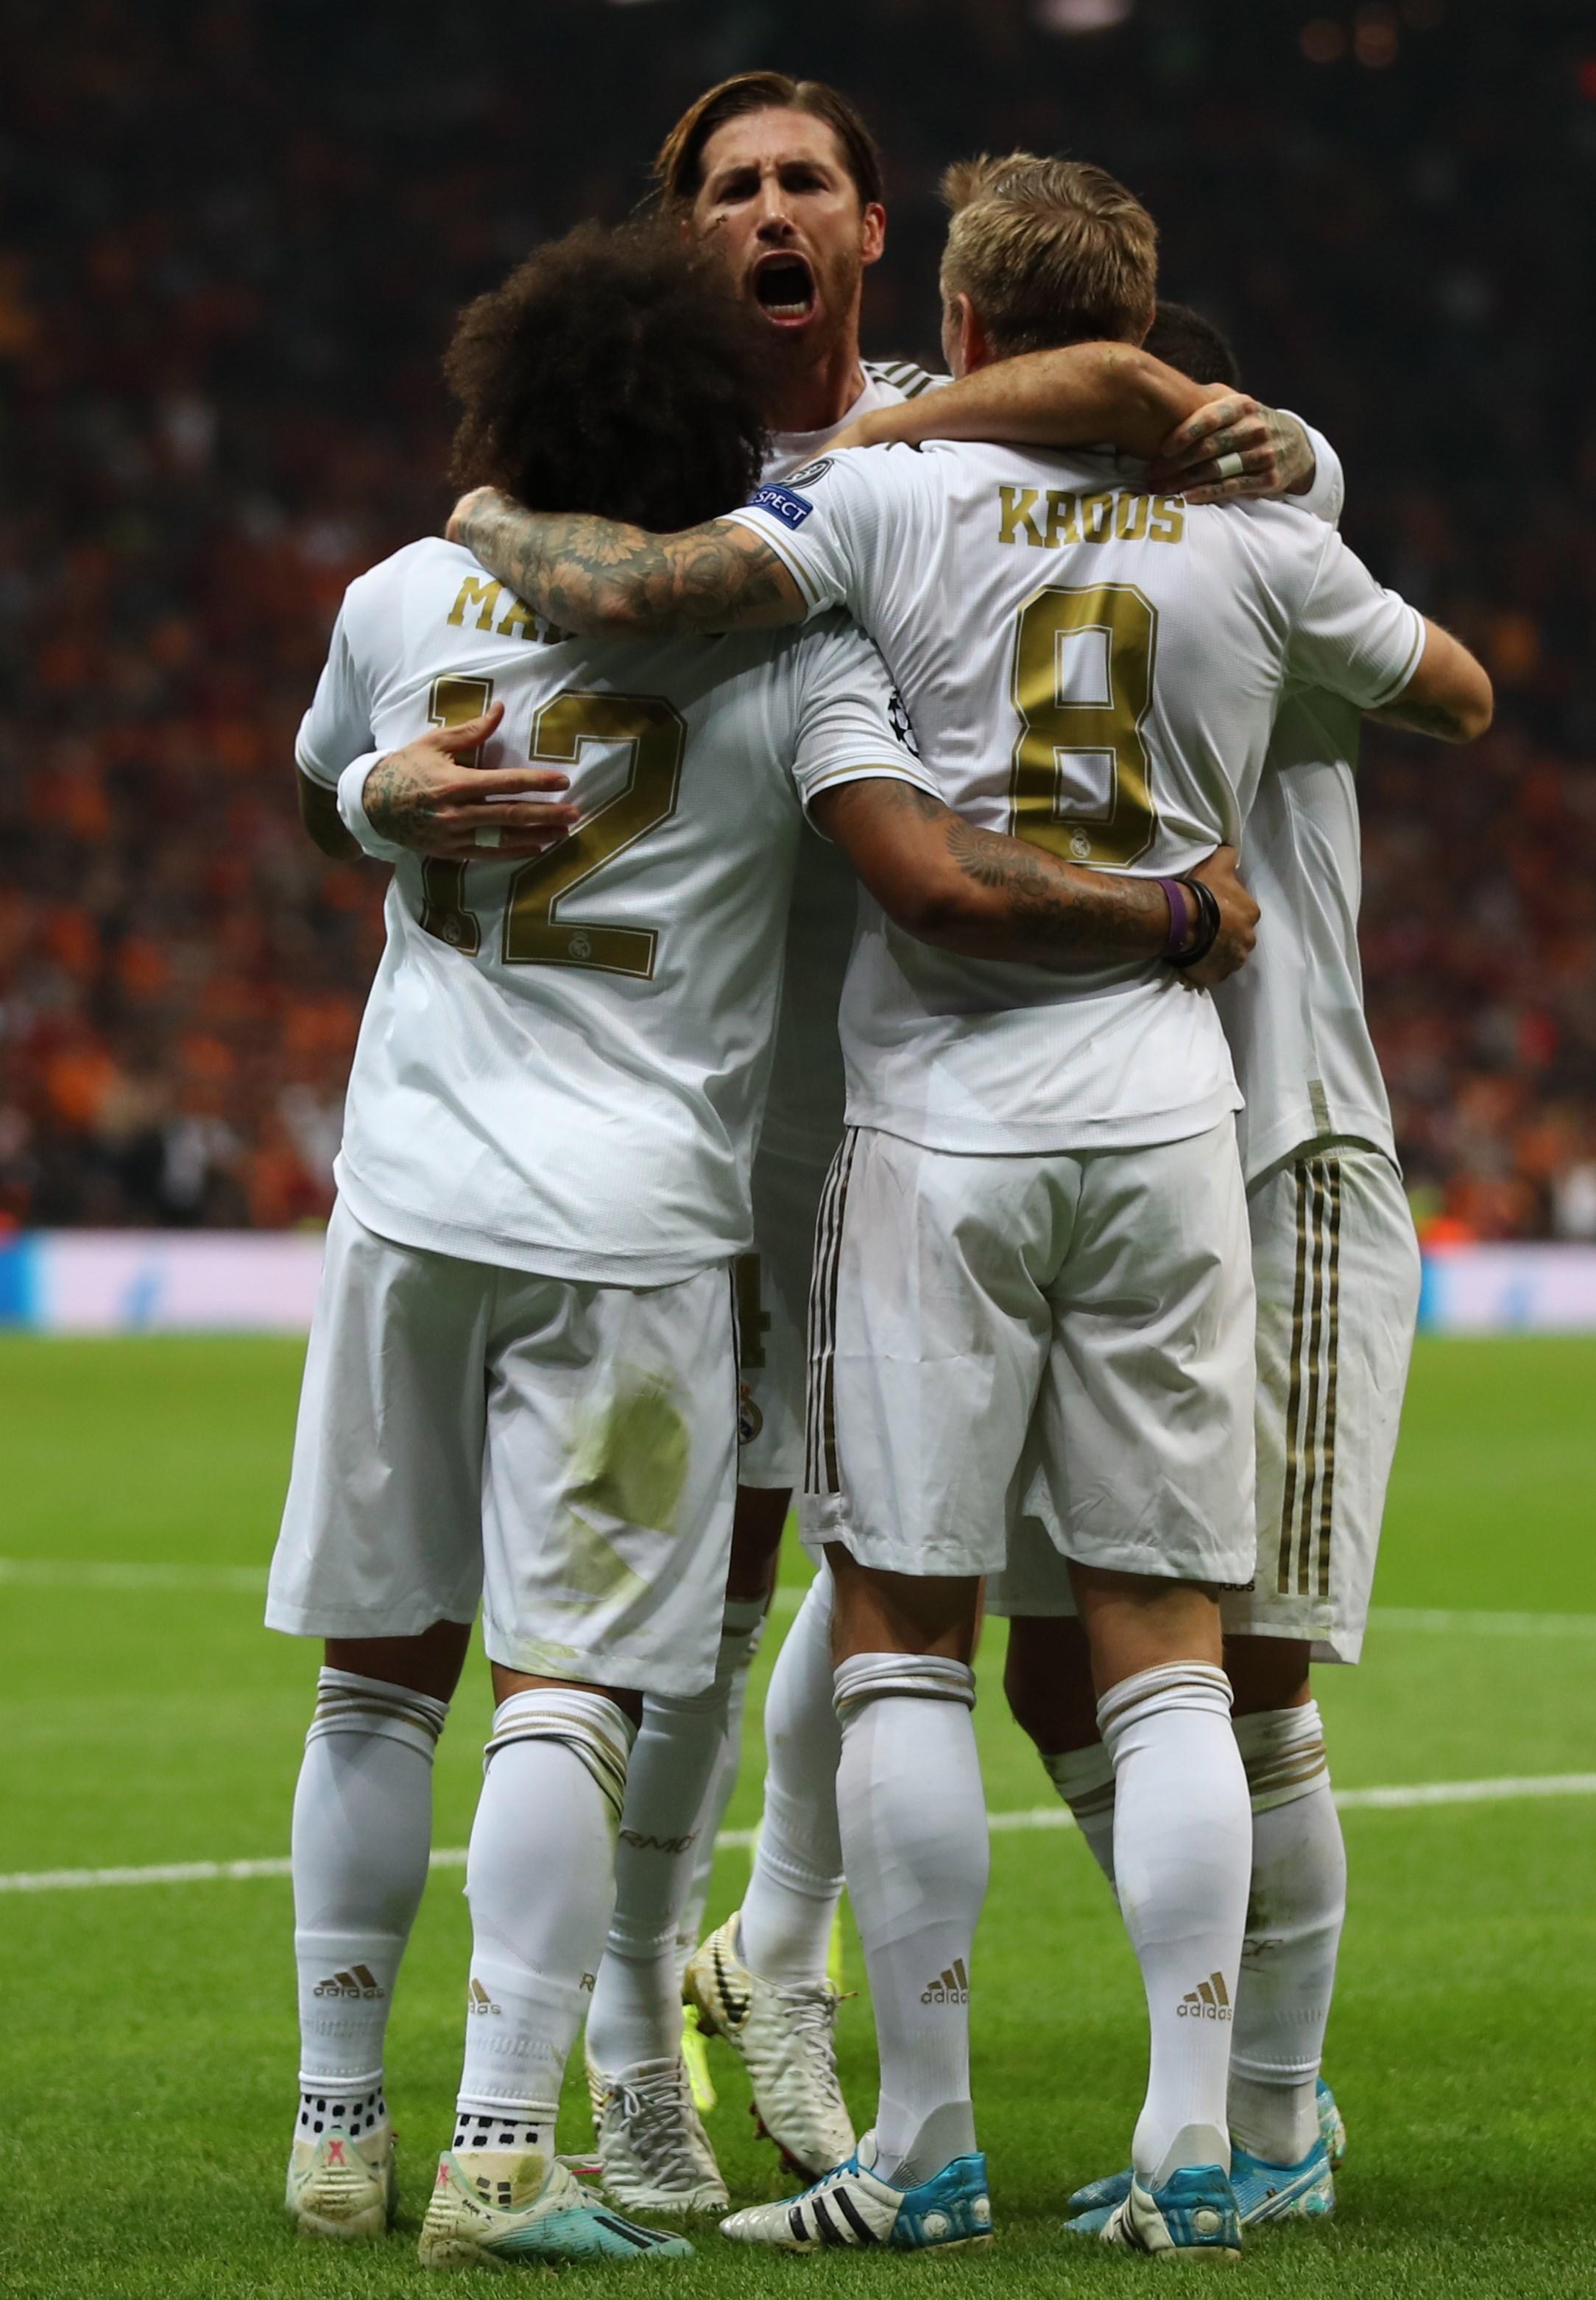 Real Madrid venció alGalatasaray con un tanto de Toni Kroos